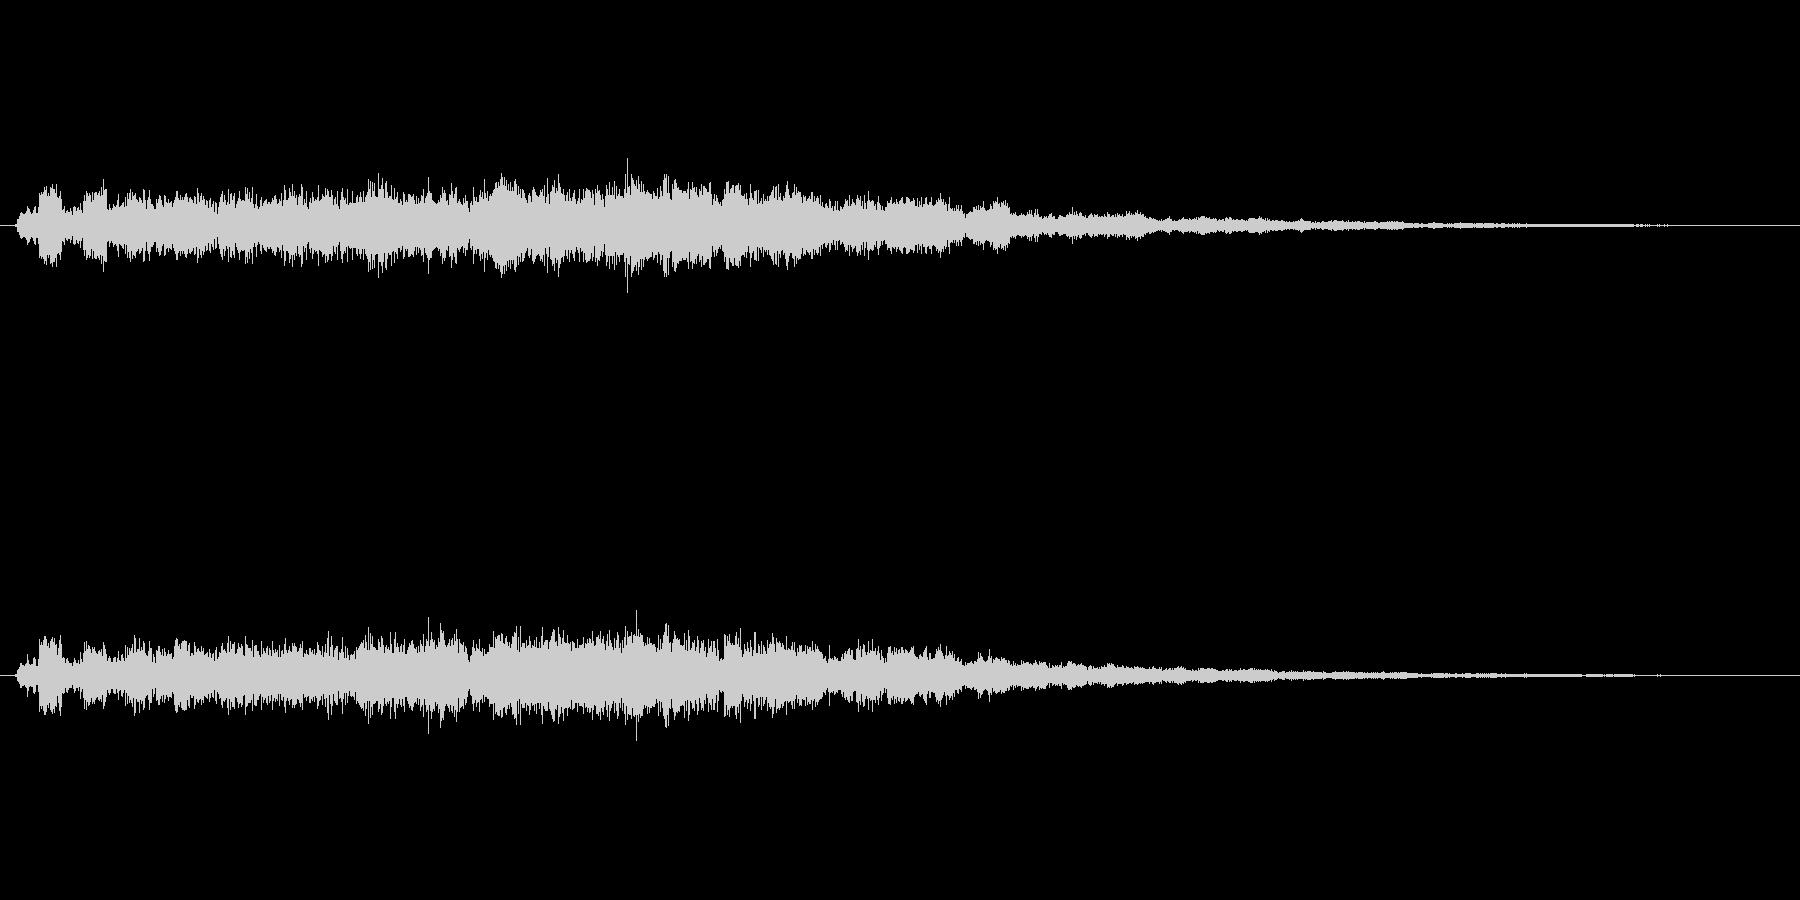 キラキラーン(氷の魔法、エフェクト)の未再生の波形